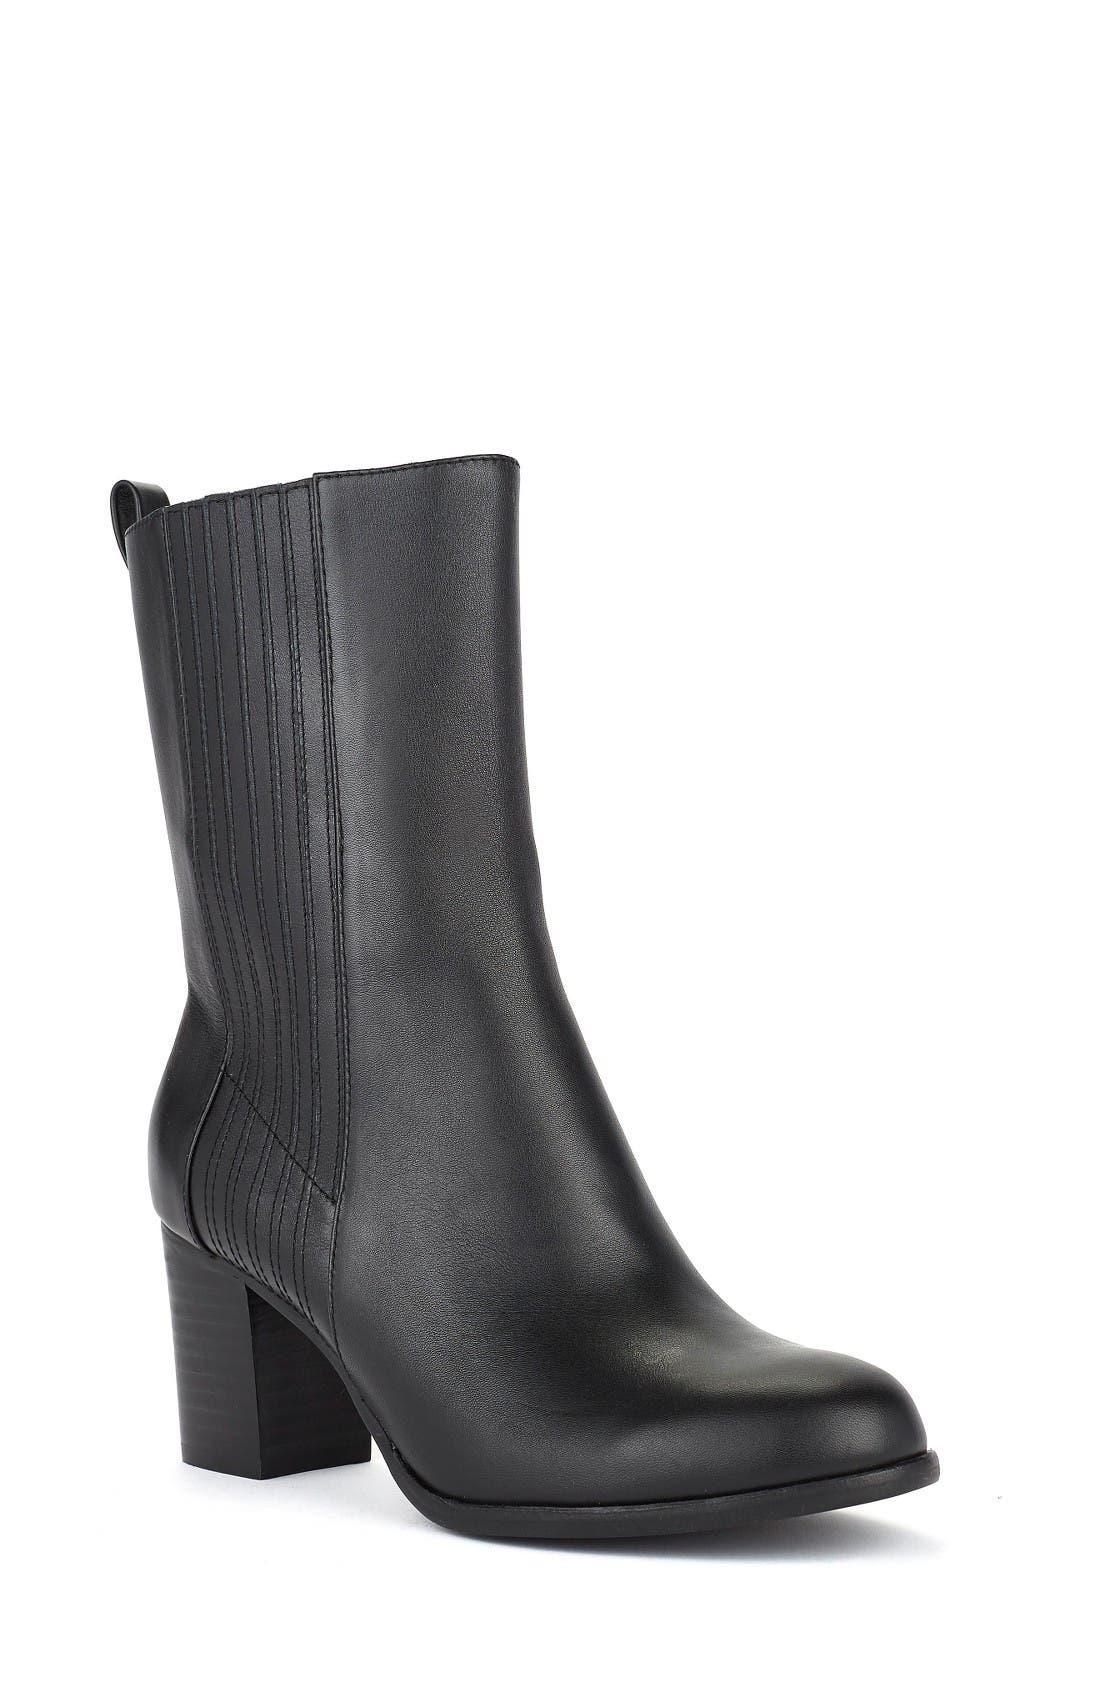 Shoes of Prey x Eleanor Pendleton Block Heel Bootie (Women)